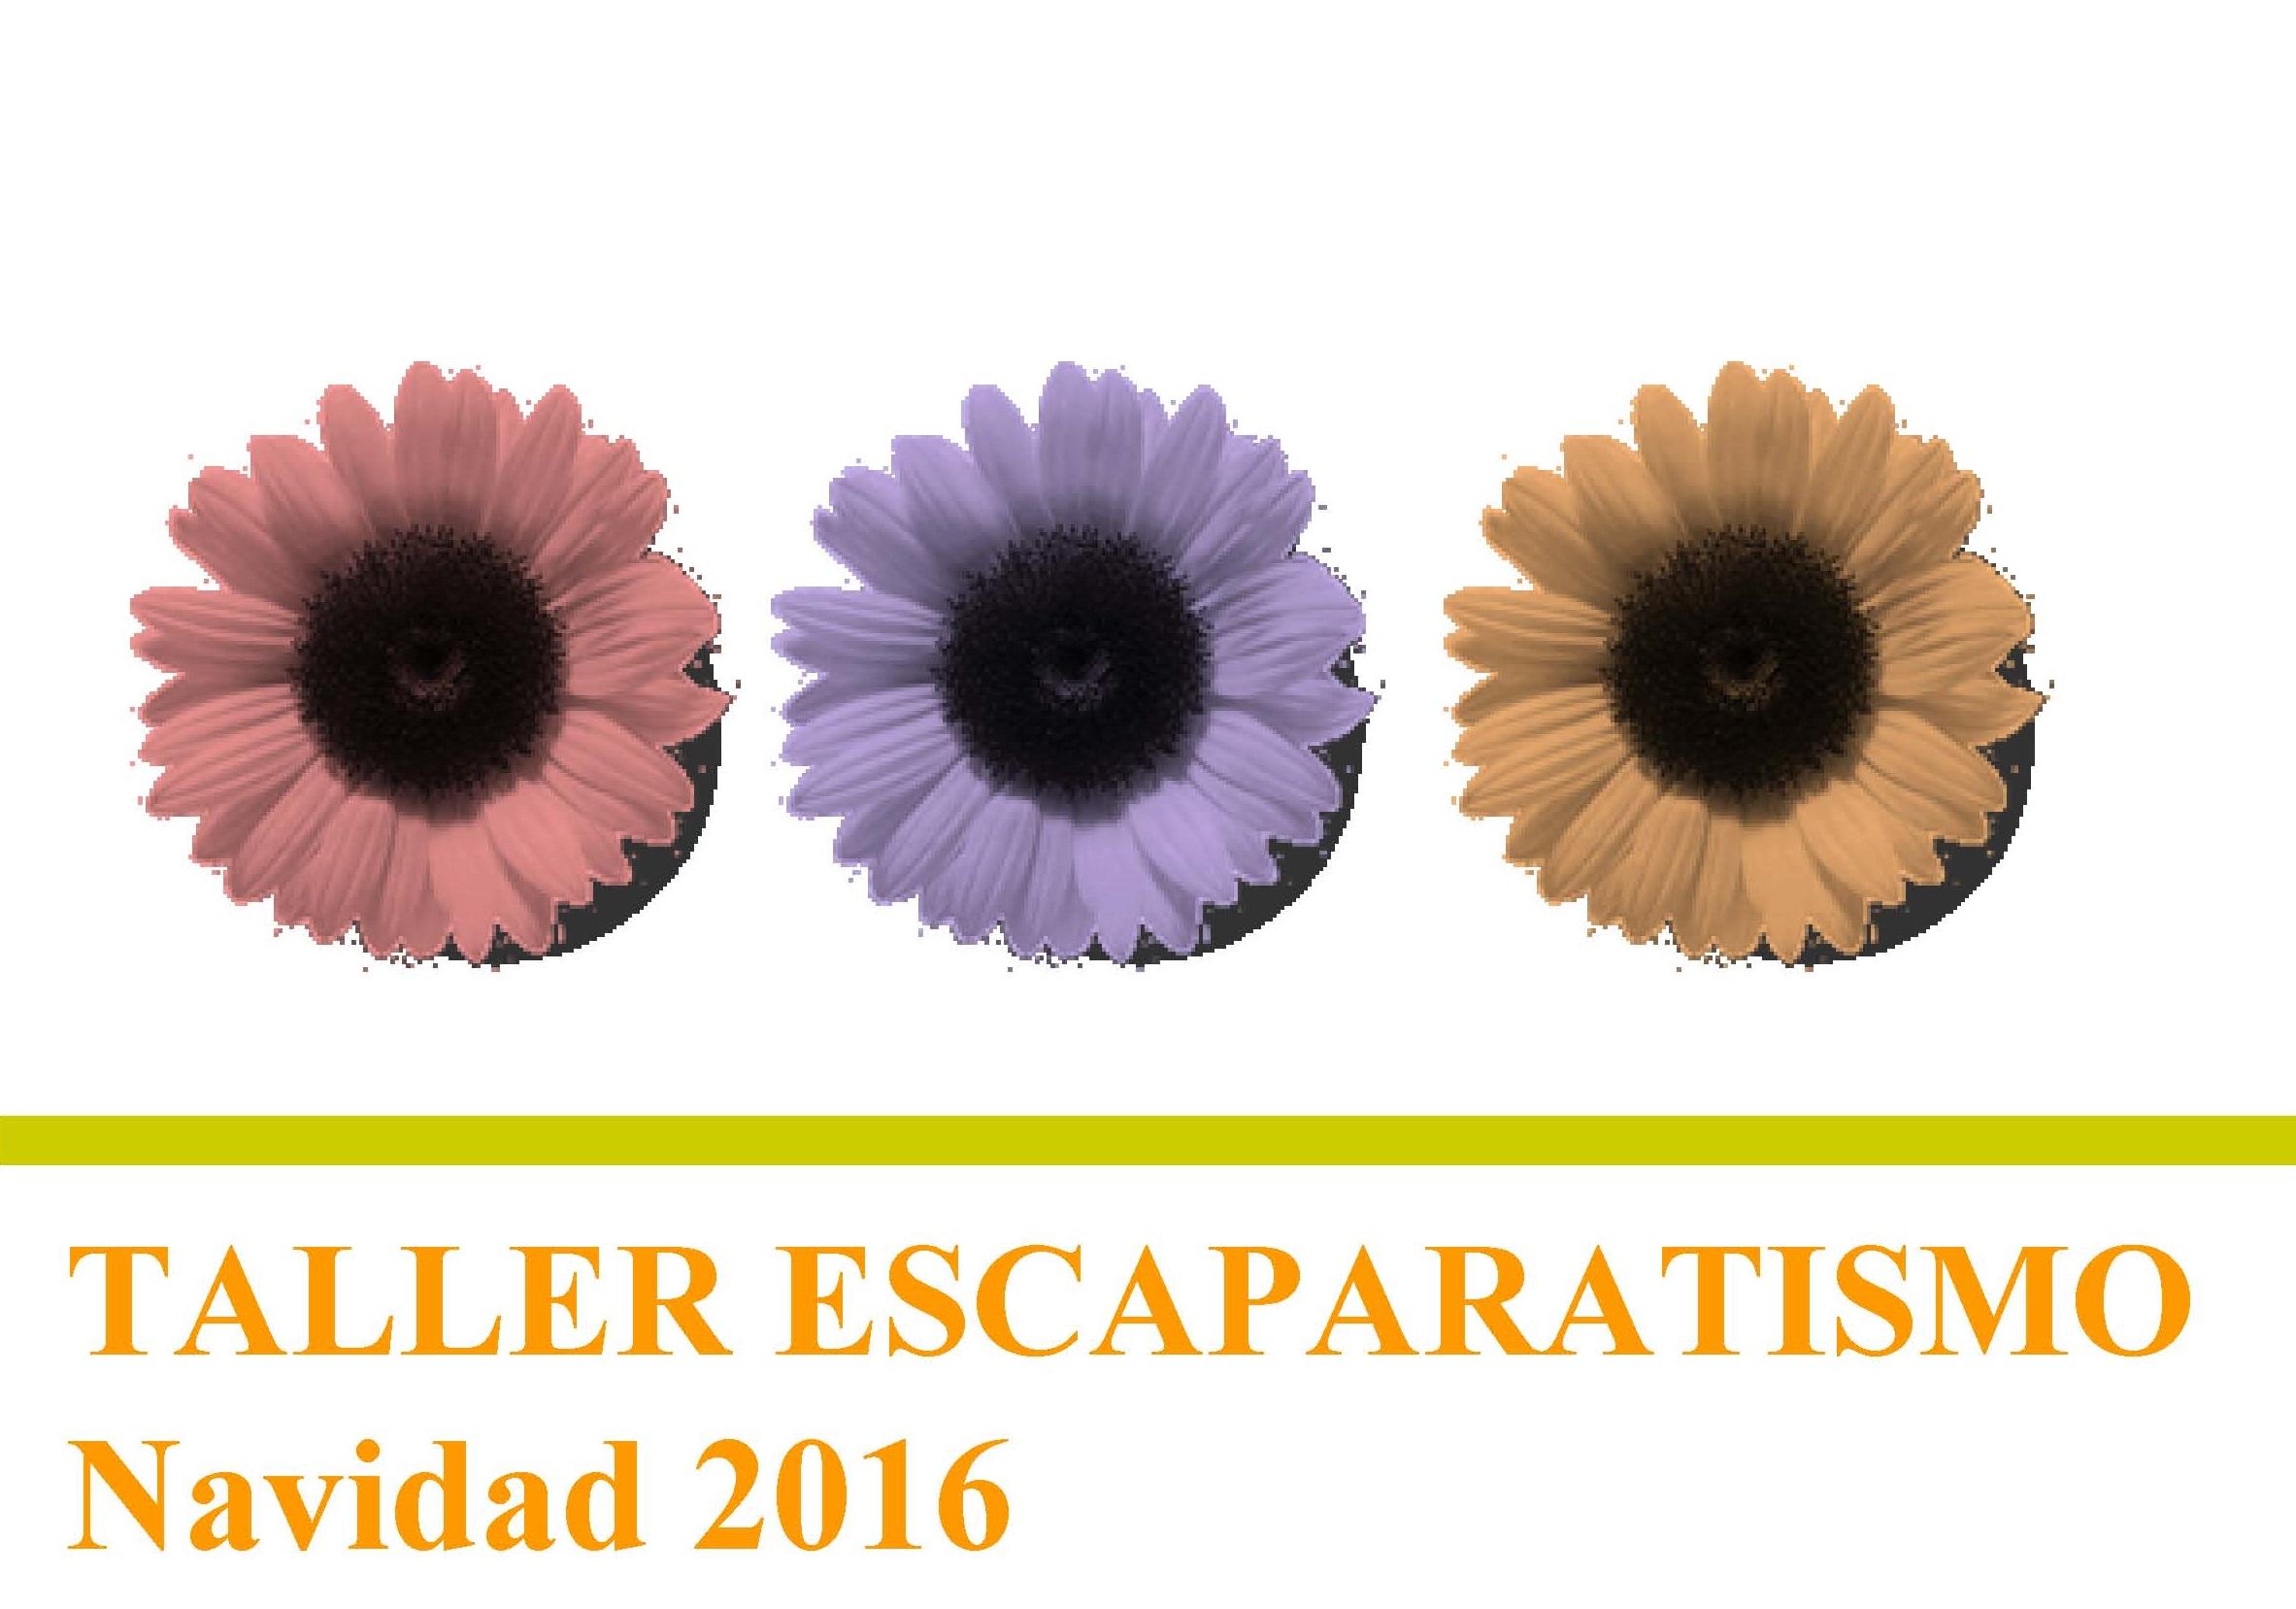 PROYECTO MELILLA ORGANIZA UN NUEVO TALLER DE ESCAPARATISMO